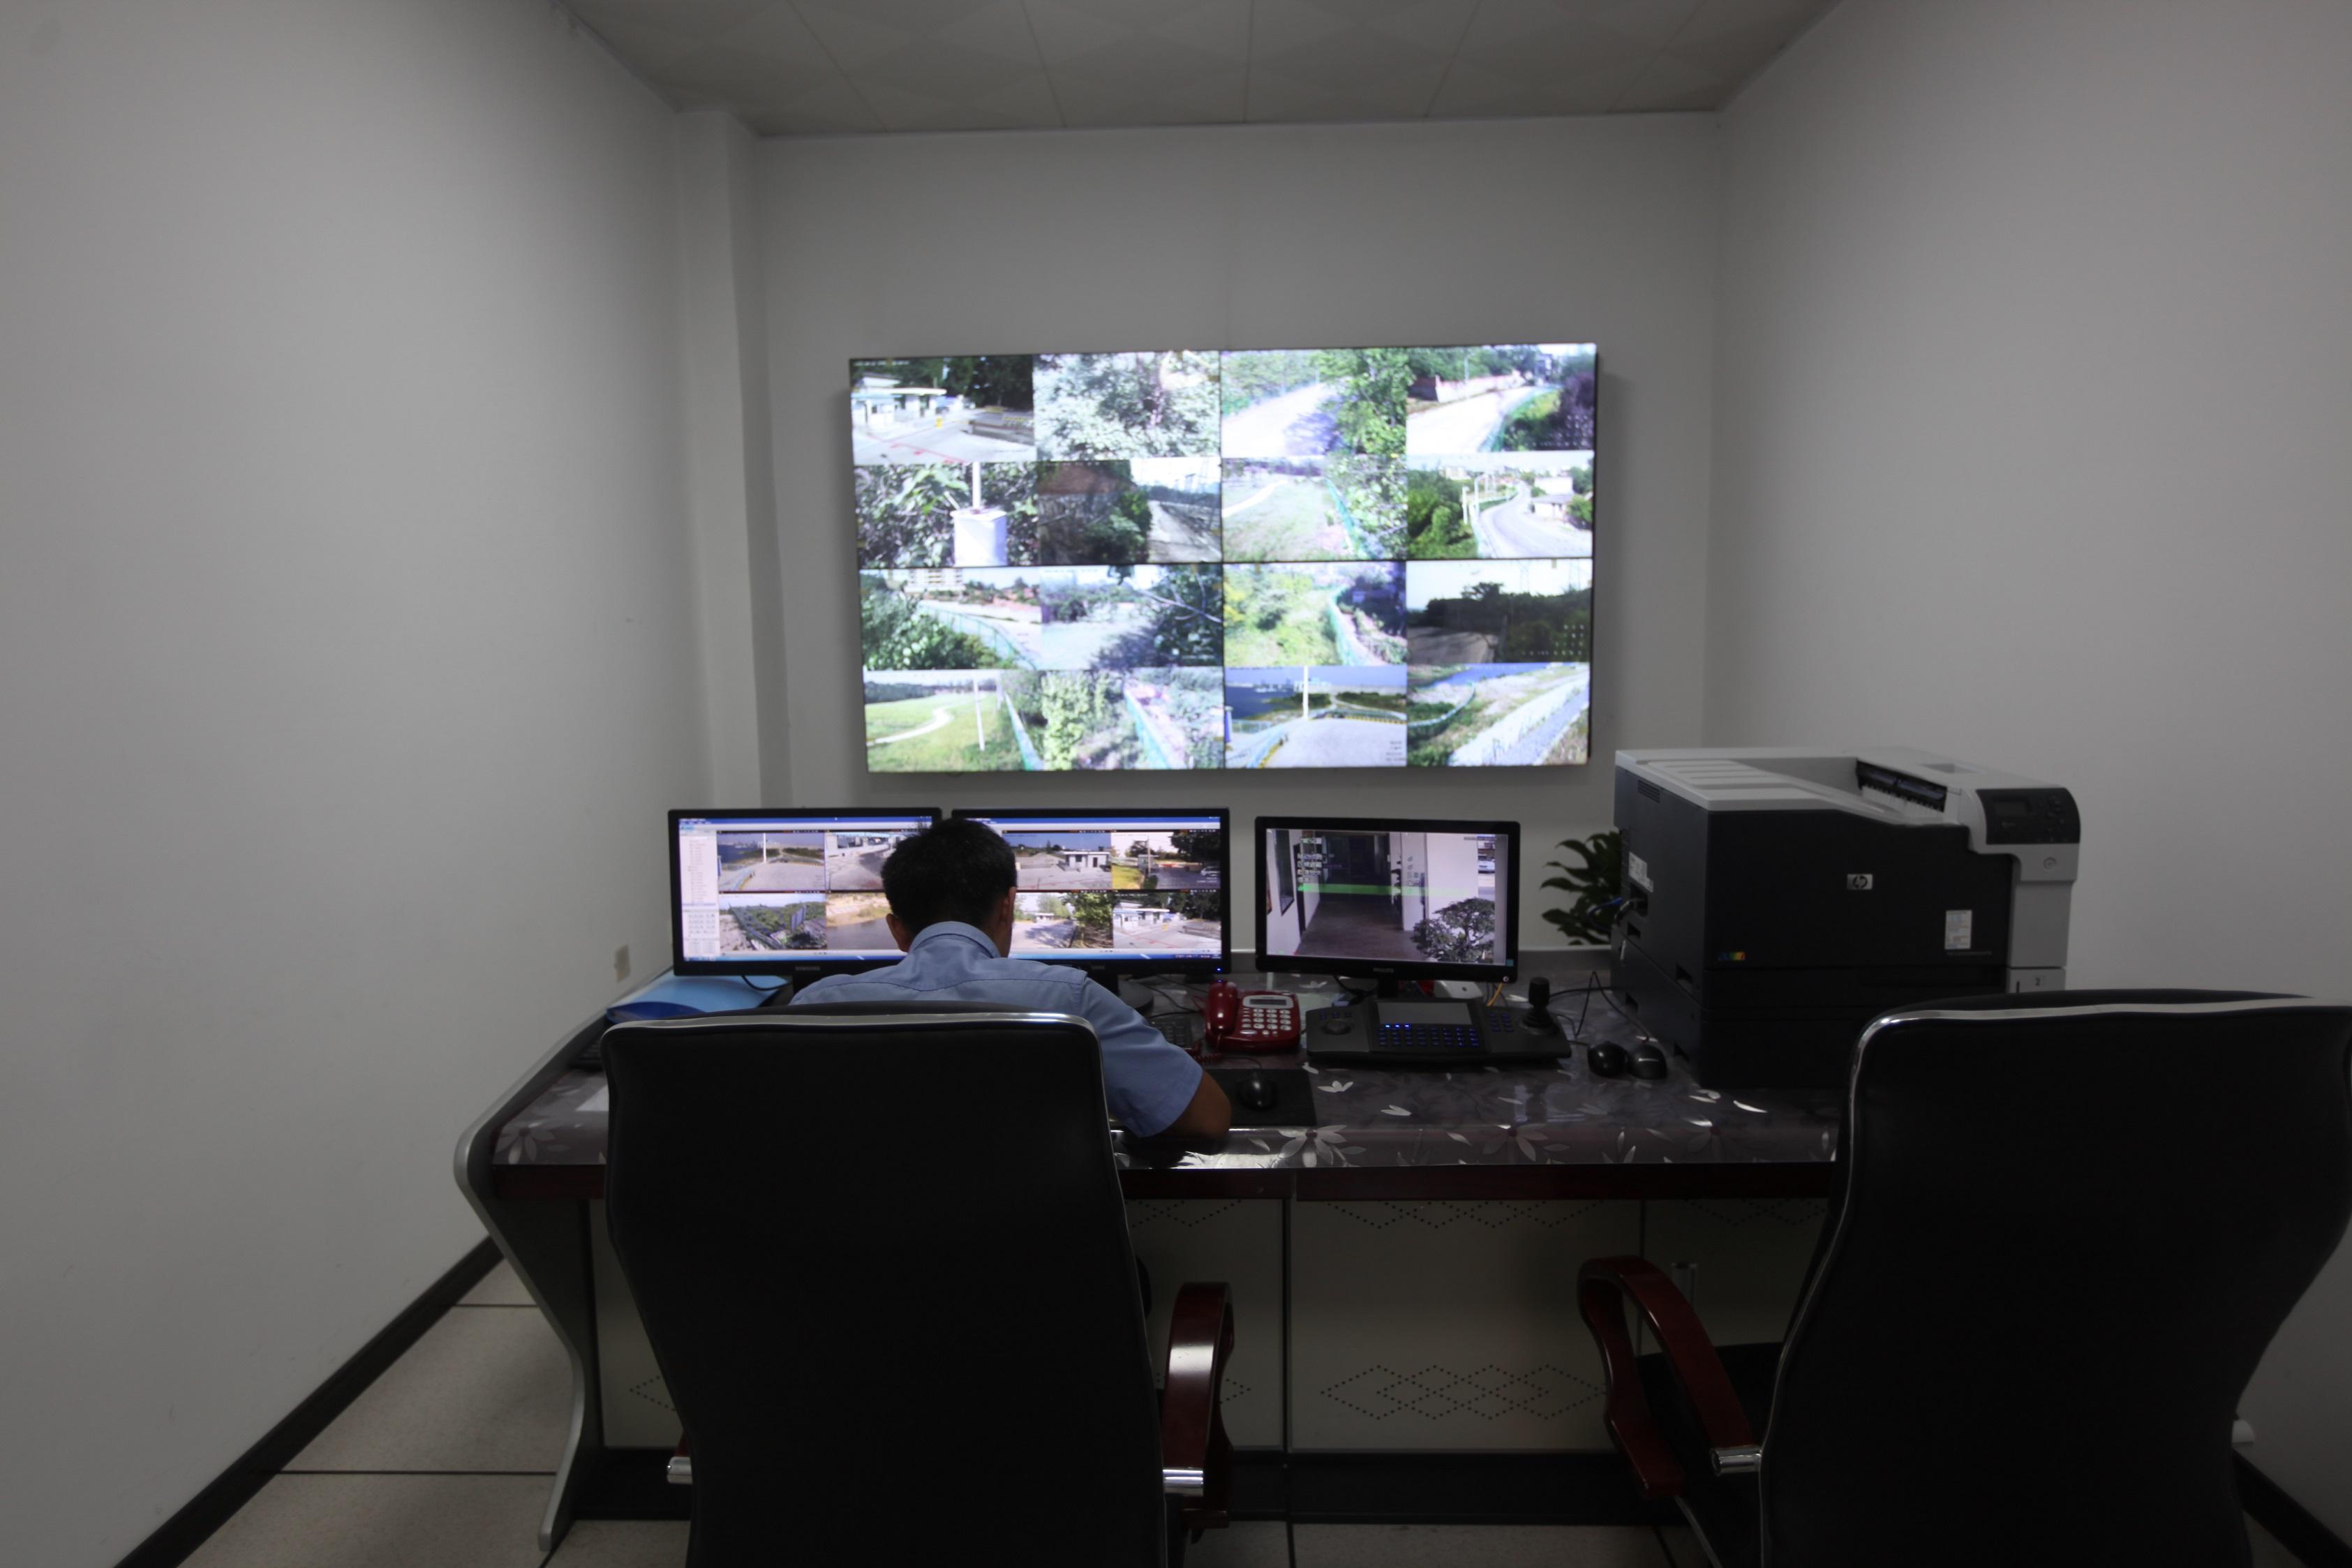 大坝视频监控对大坝进行全方位的监控